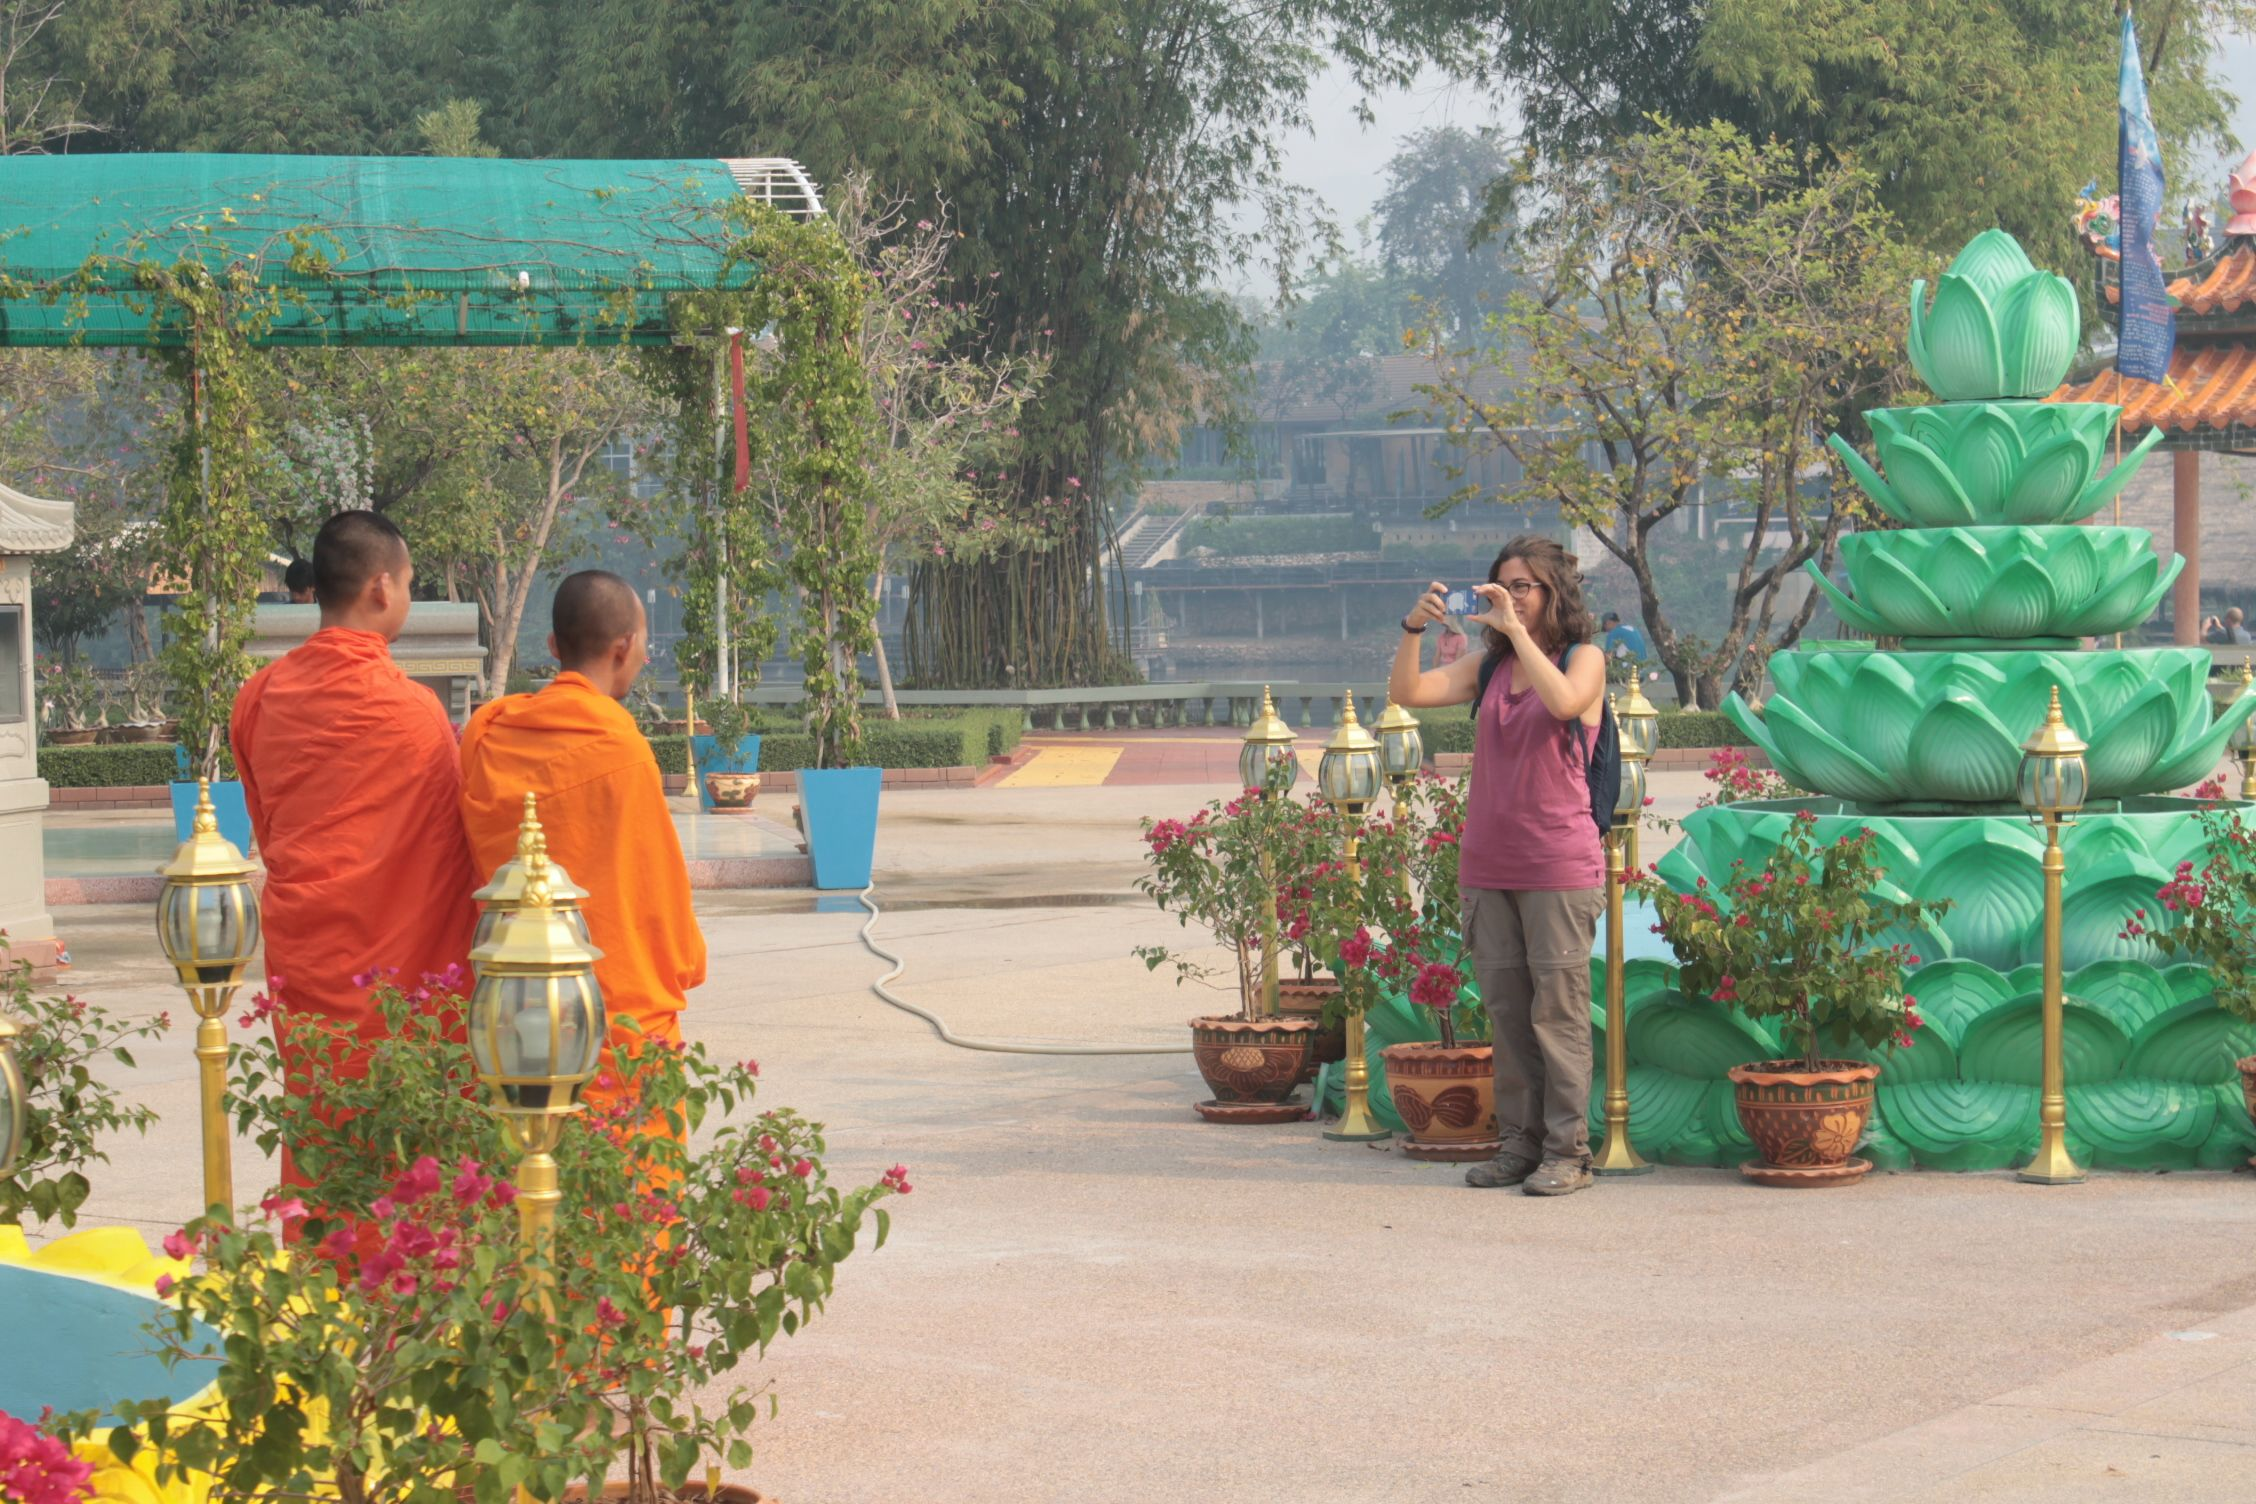 Roser haciendo una foto a unos monjes Bhudistas que hacían turismo